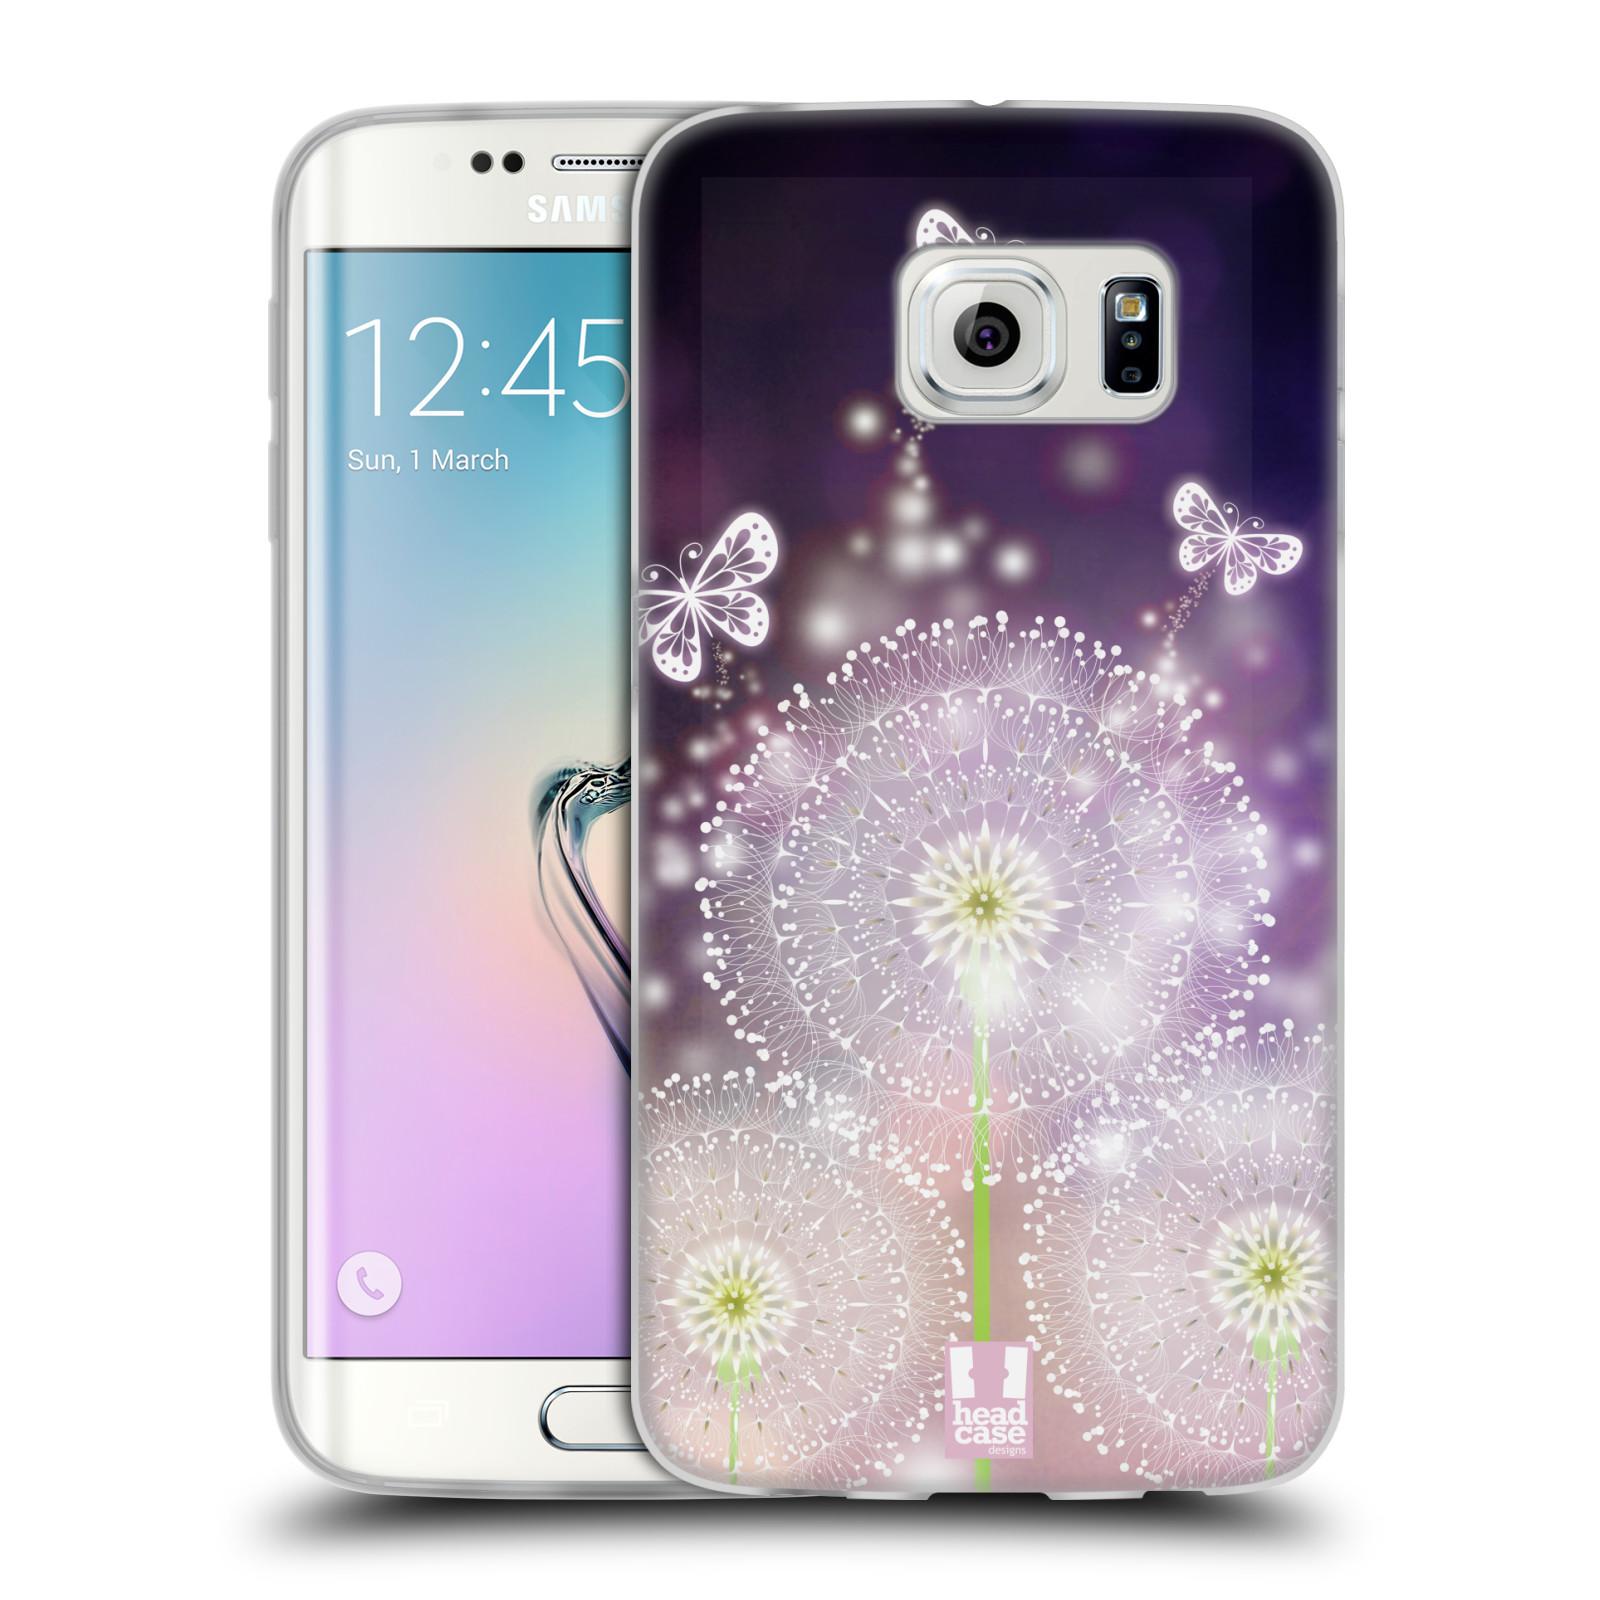 Silikonové pouzdro na mobil Samsung Galaxy S6 Edge HEAD CASE Pampelišky a Motýlci (Silikonový kryt či obal na mobilní telefon Samsung Galaxy S6 Edge SM-G925F)